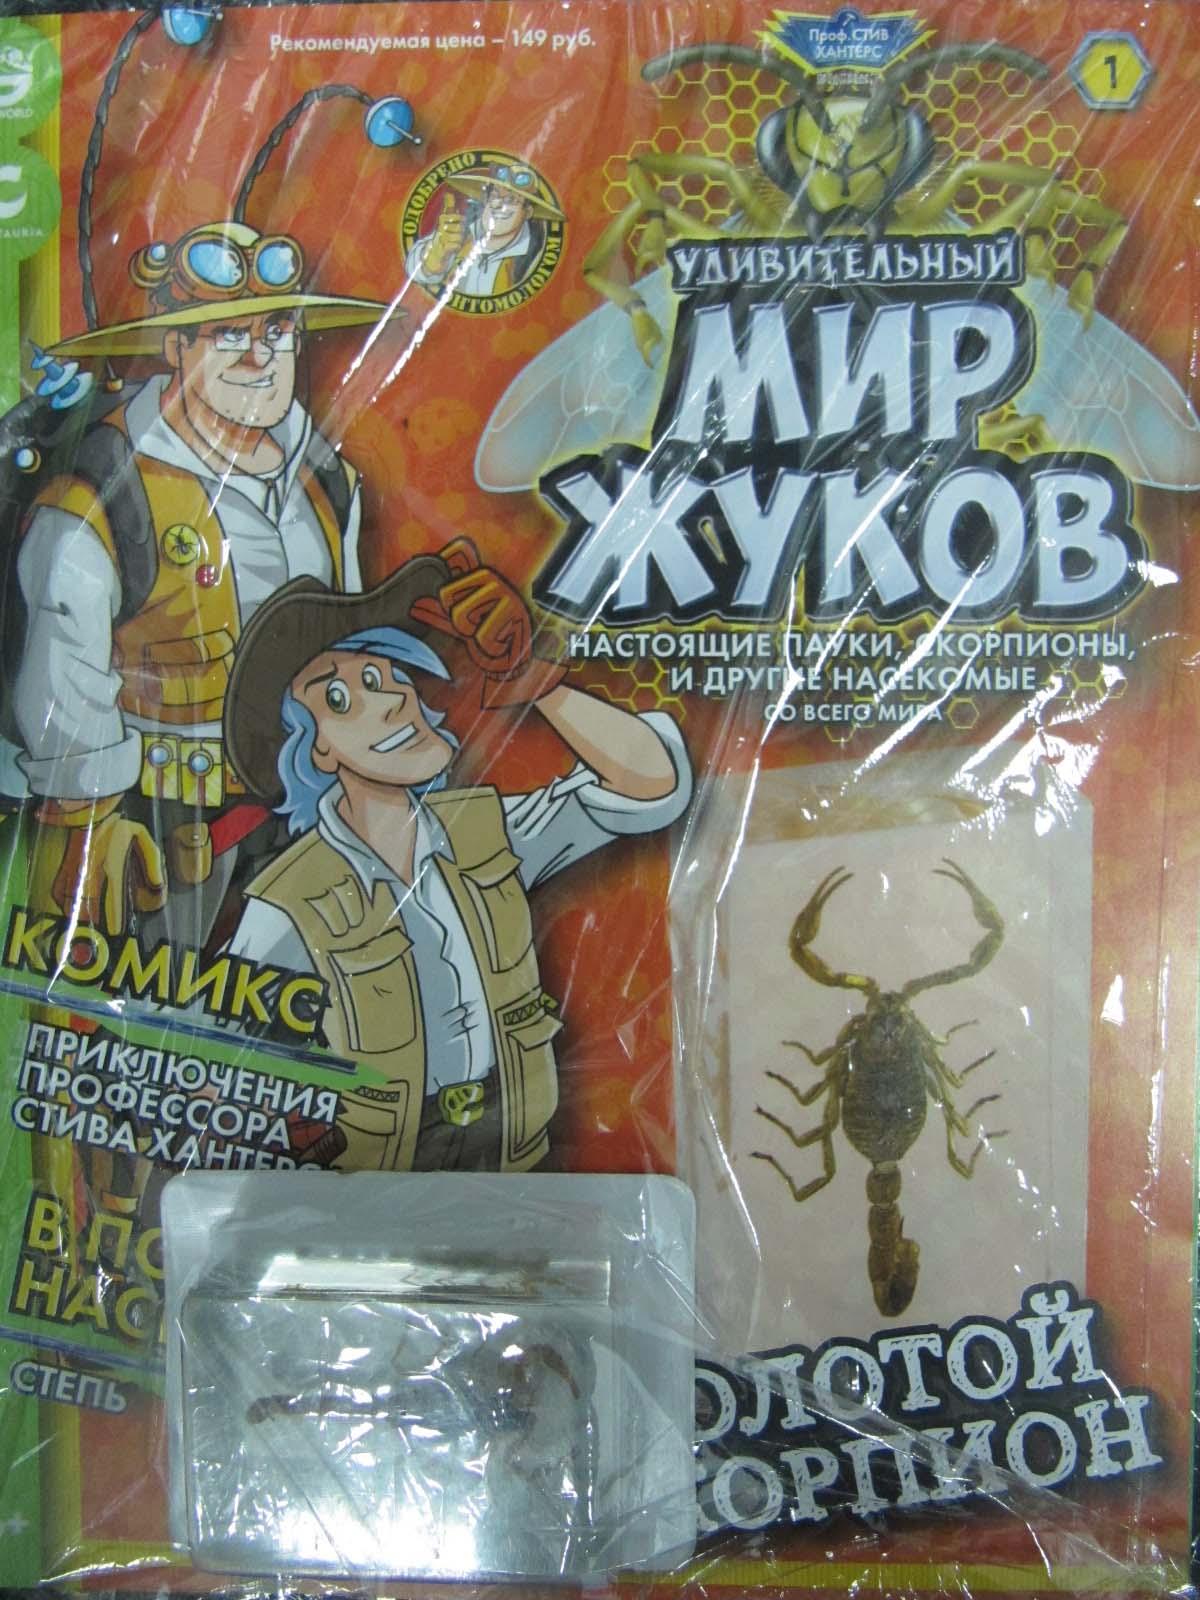 Удивительный мир жуков комикс + образец №1 Золотой скорпион